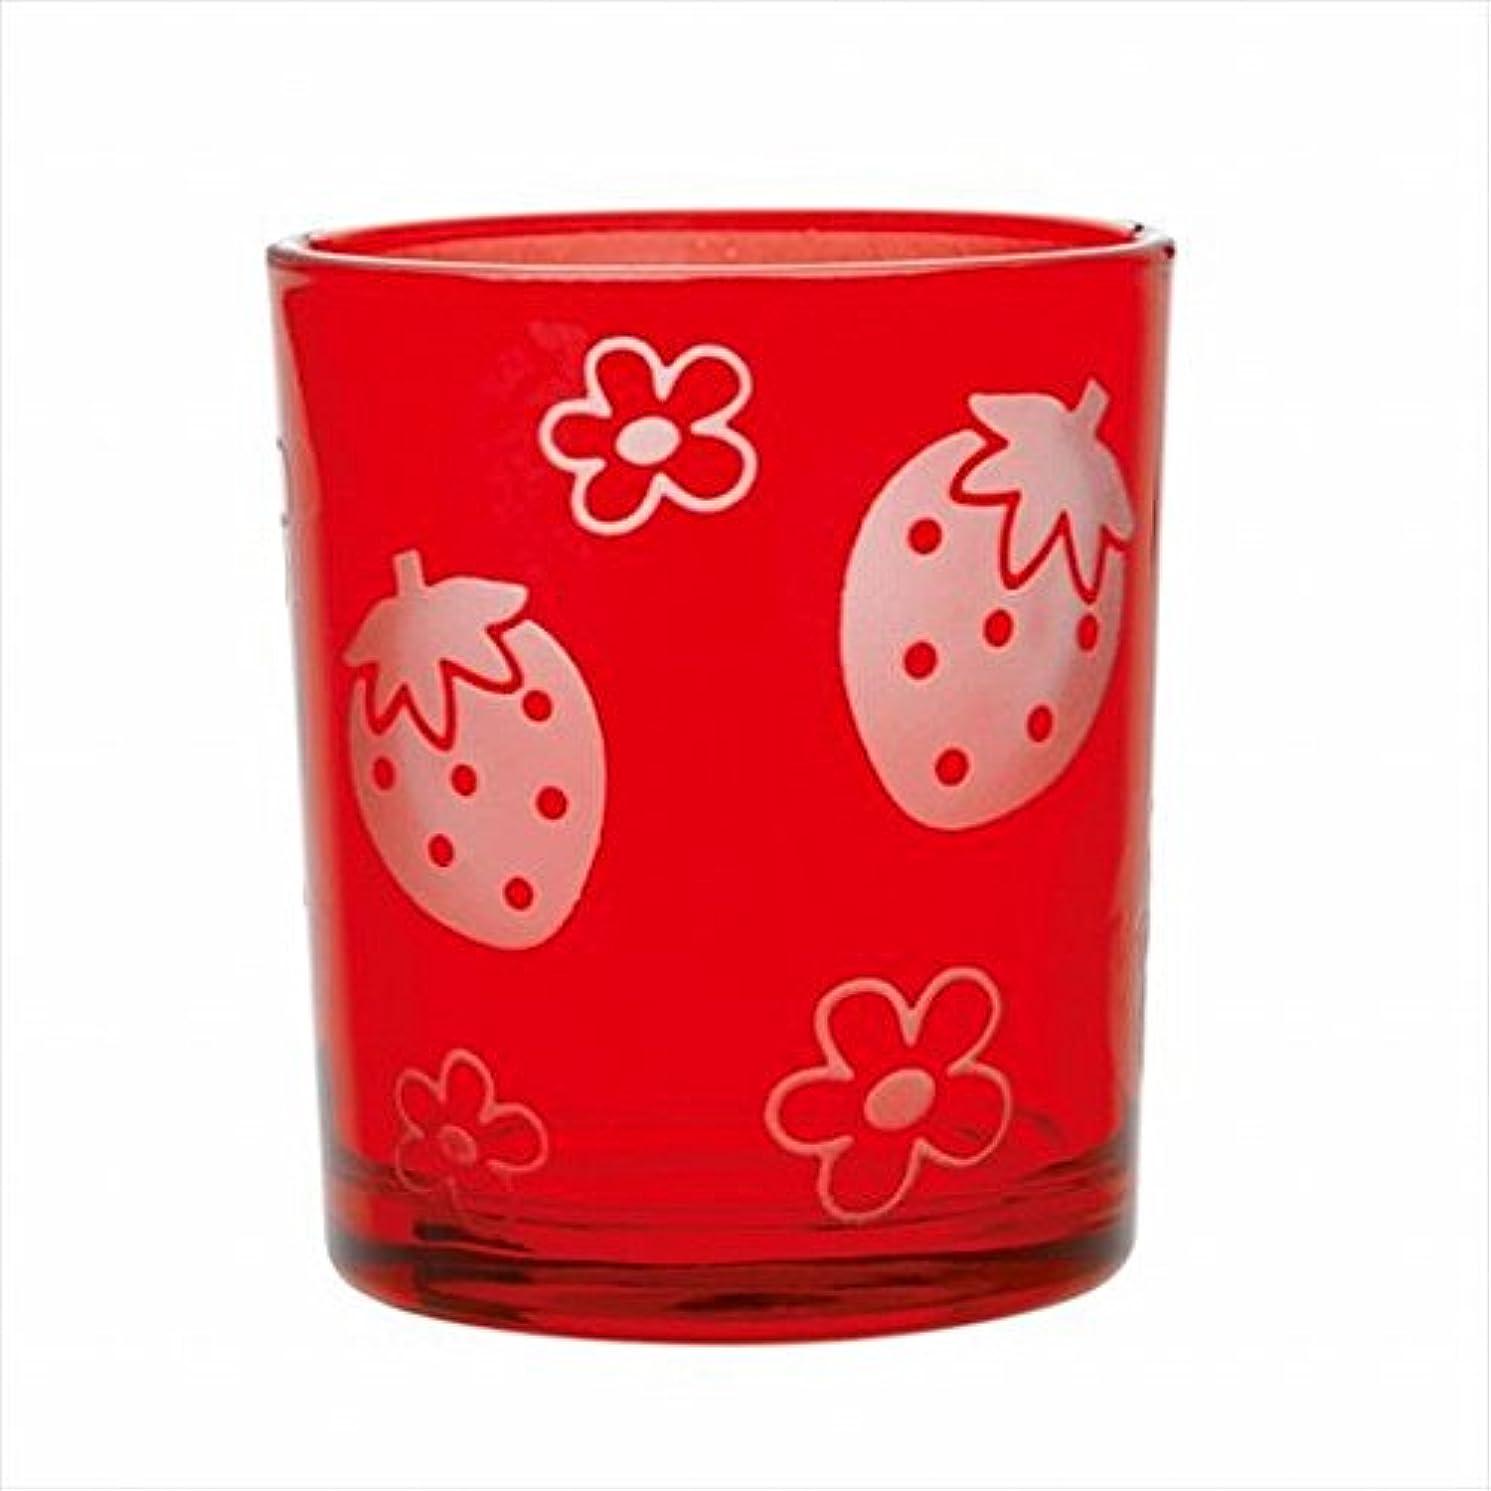 ストッキングマニアパッドsweets candle いちごフロストカップ 「 レッド 」